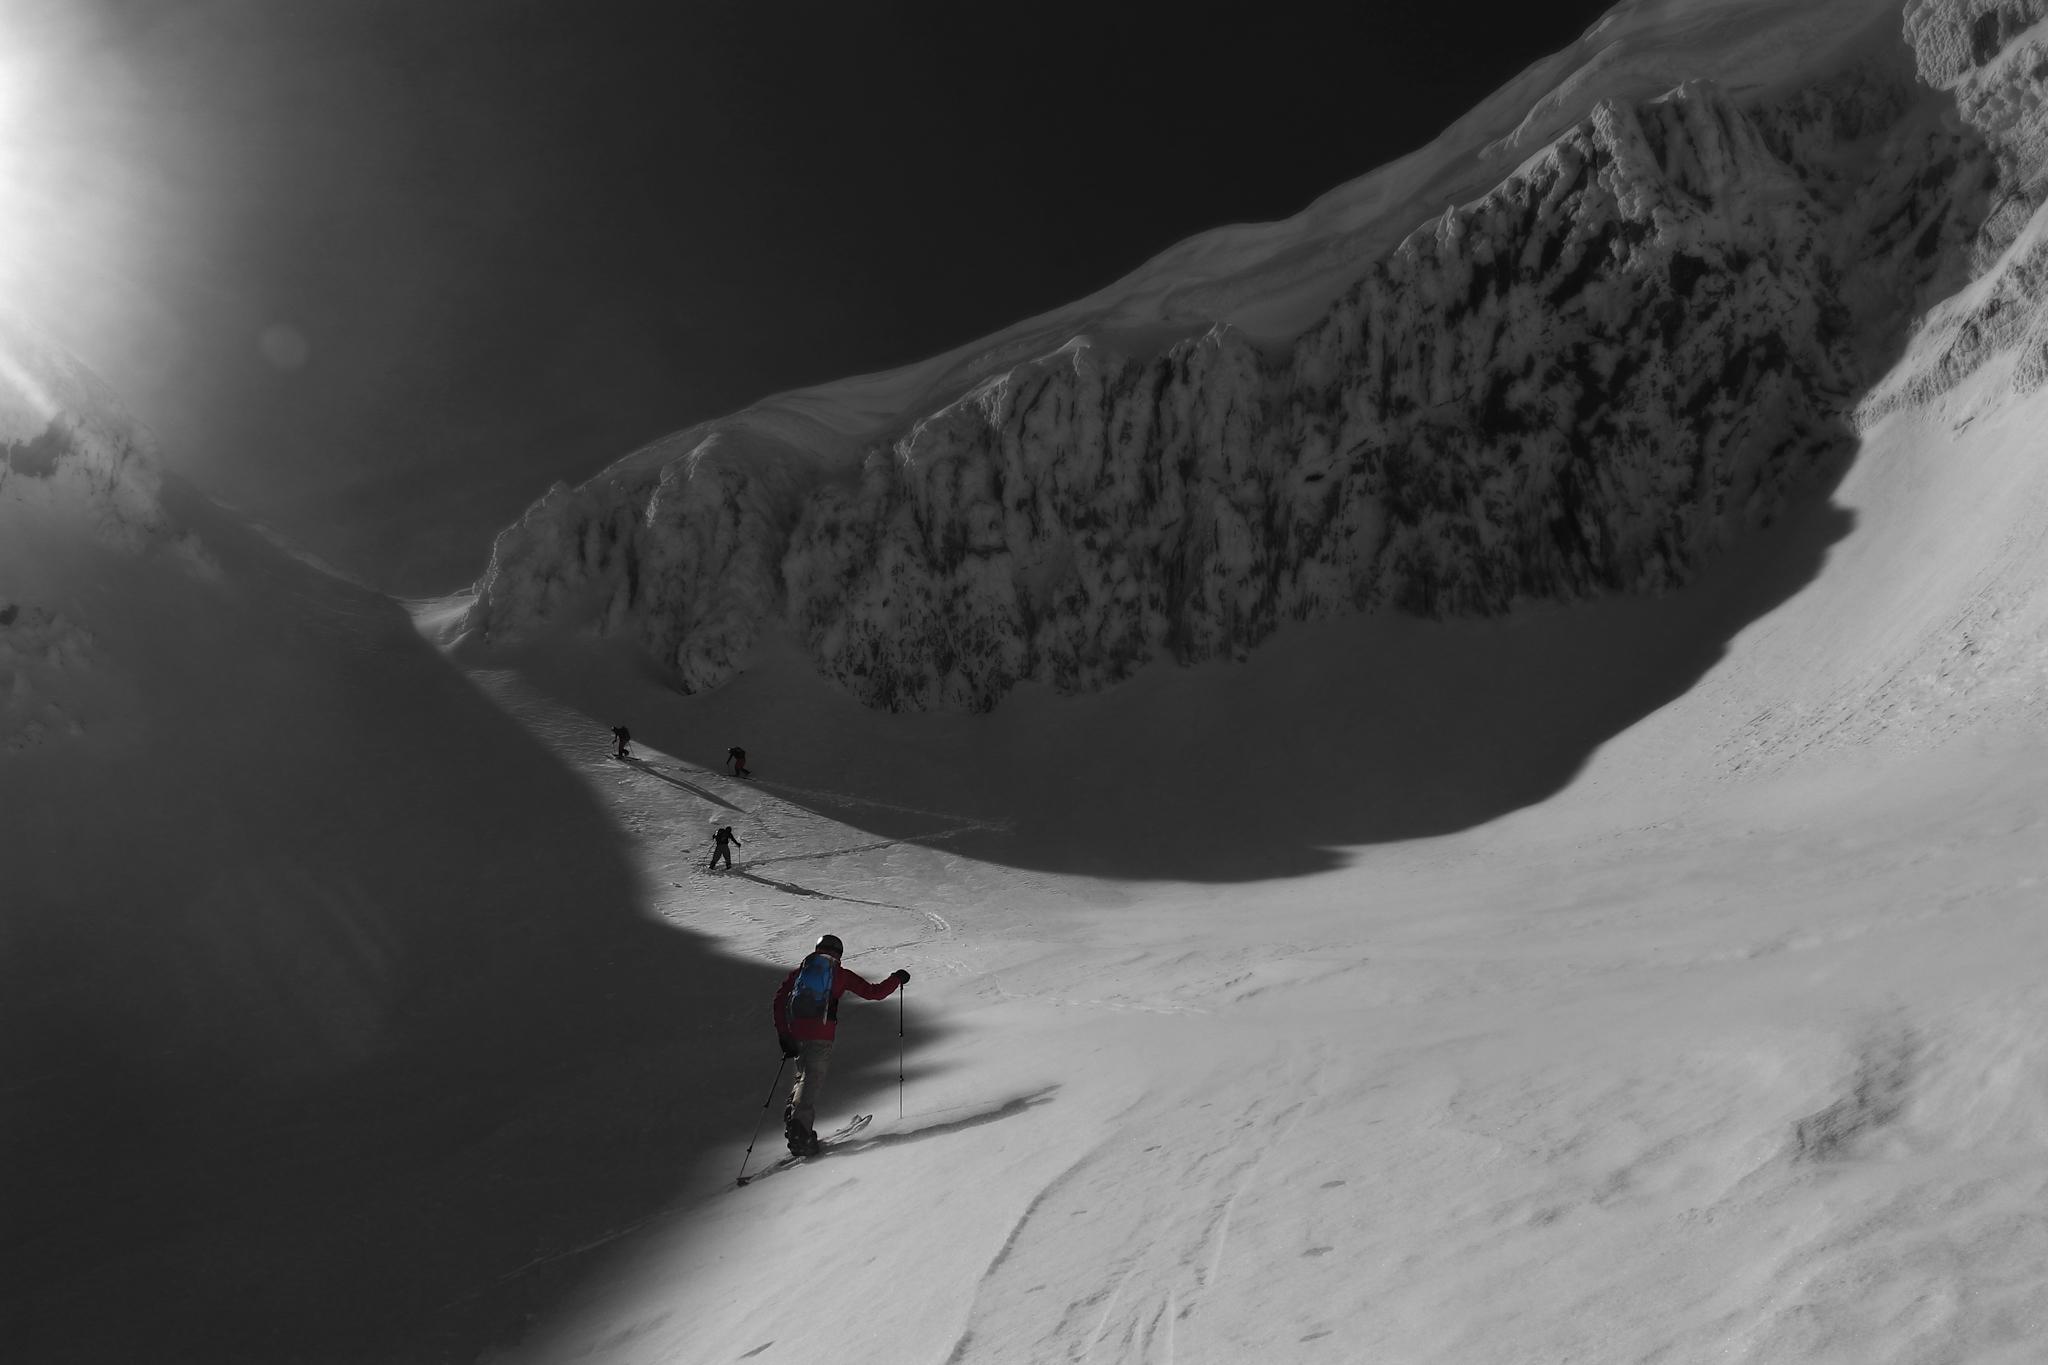 Corredor de los Navarros, Javi Besga - Ski & Snowboard - Fotos del Valle del Aragón, Mikel Besga